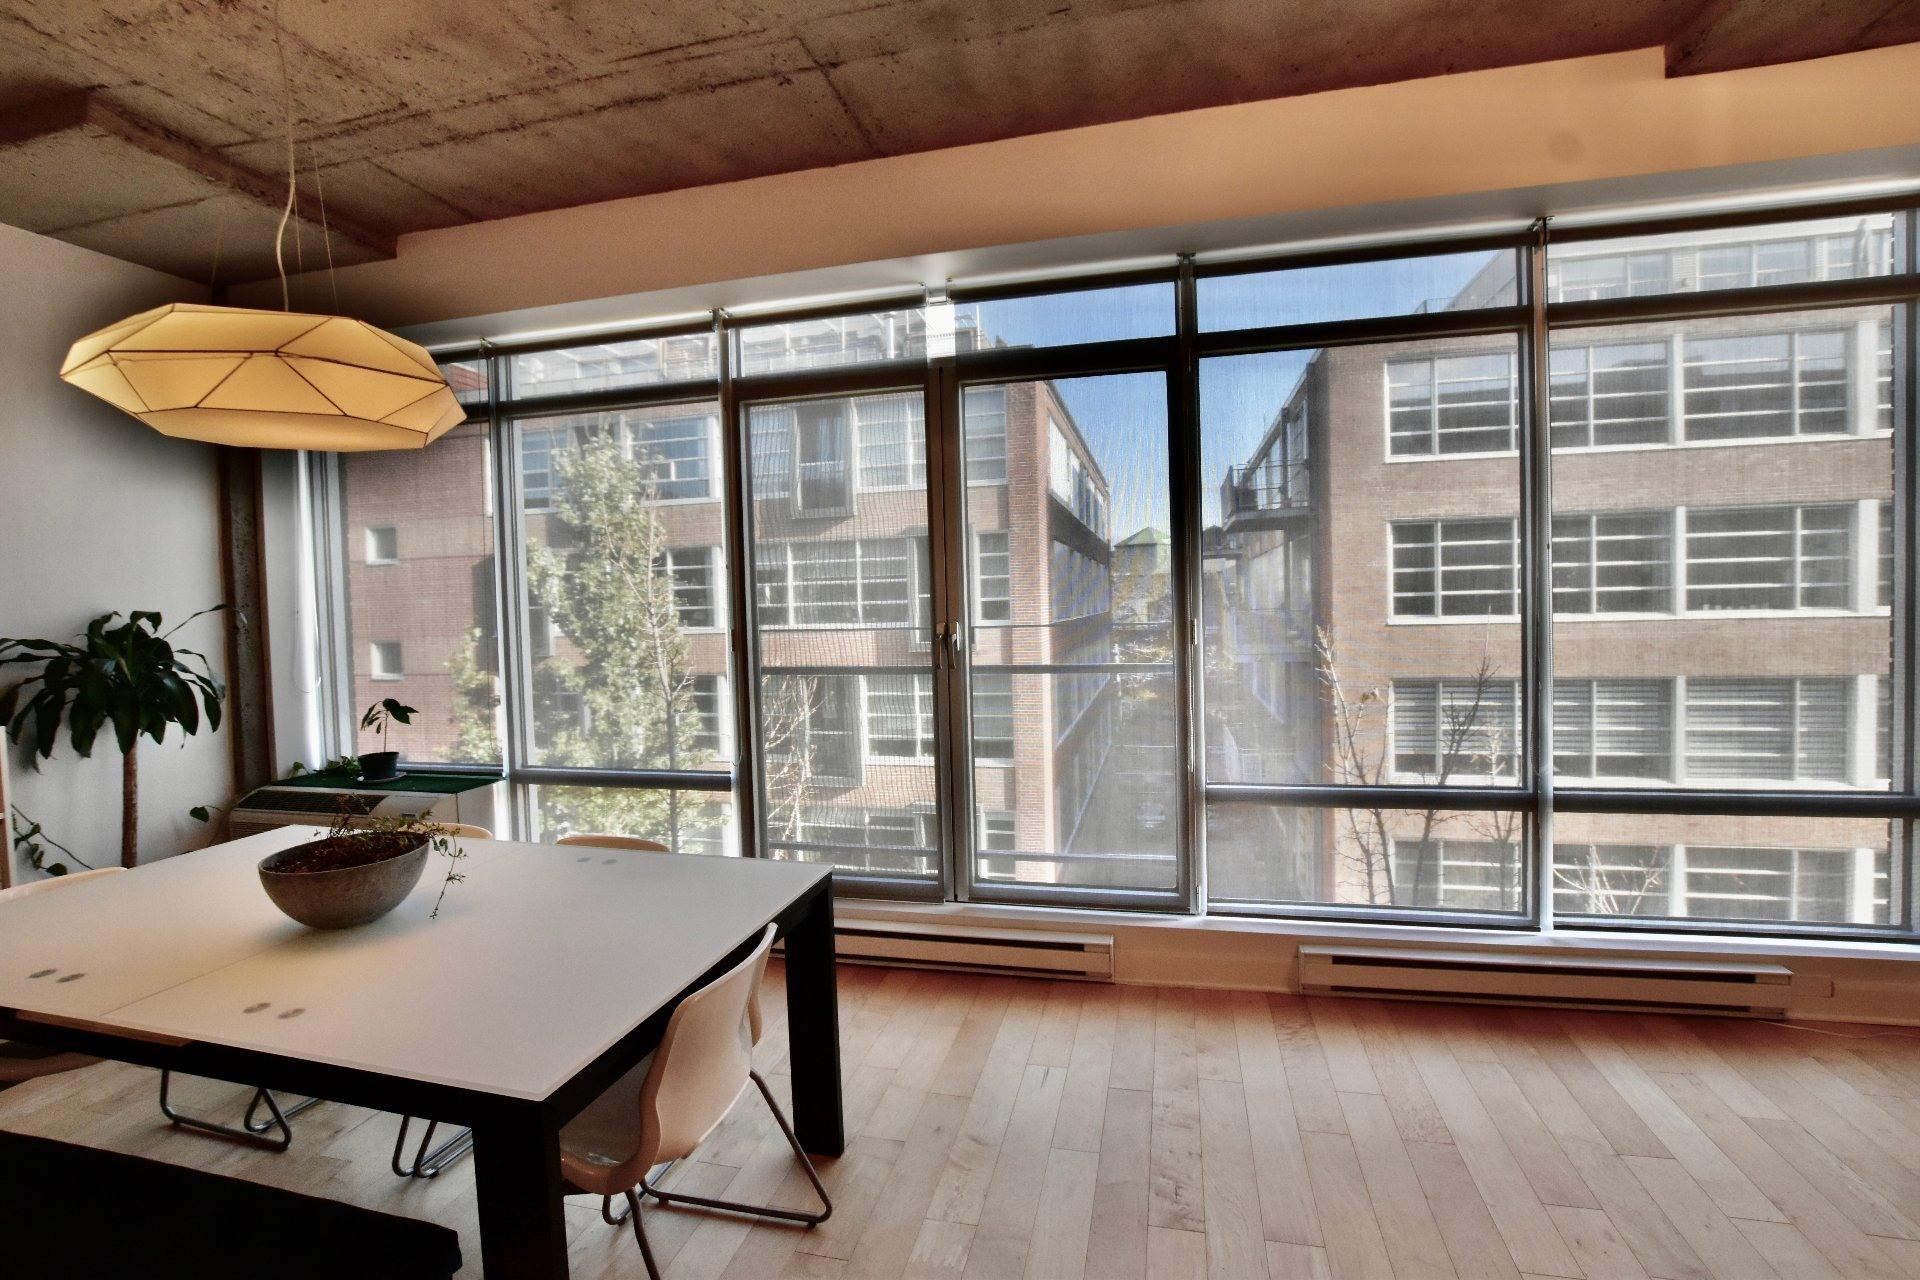 image 9 - Apartment For rent Villeray/Saint-Michel/Parc-Extension Montréal  - 5 rooms